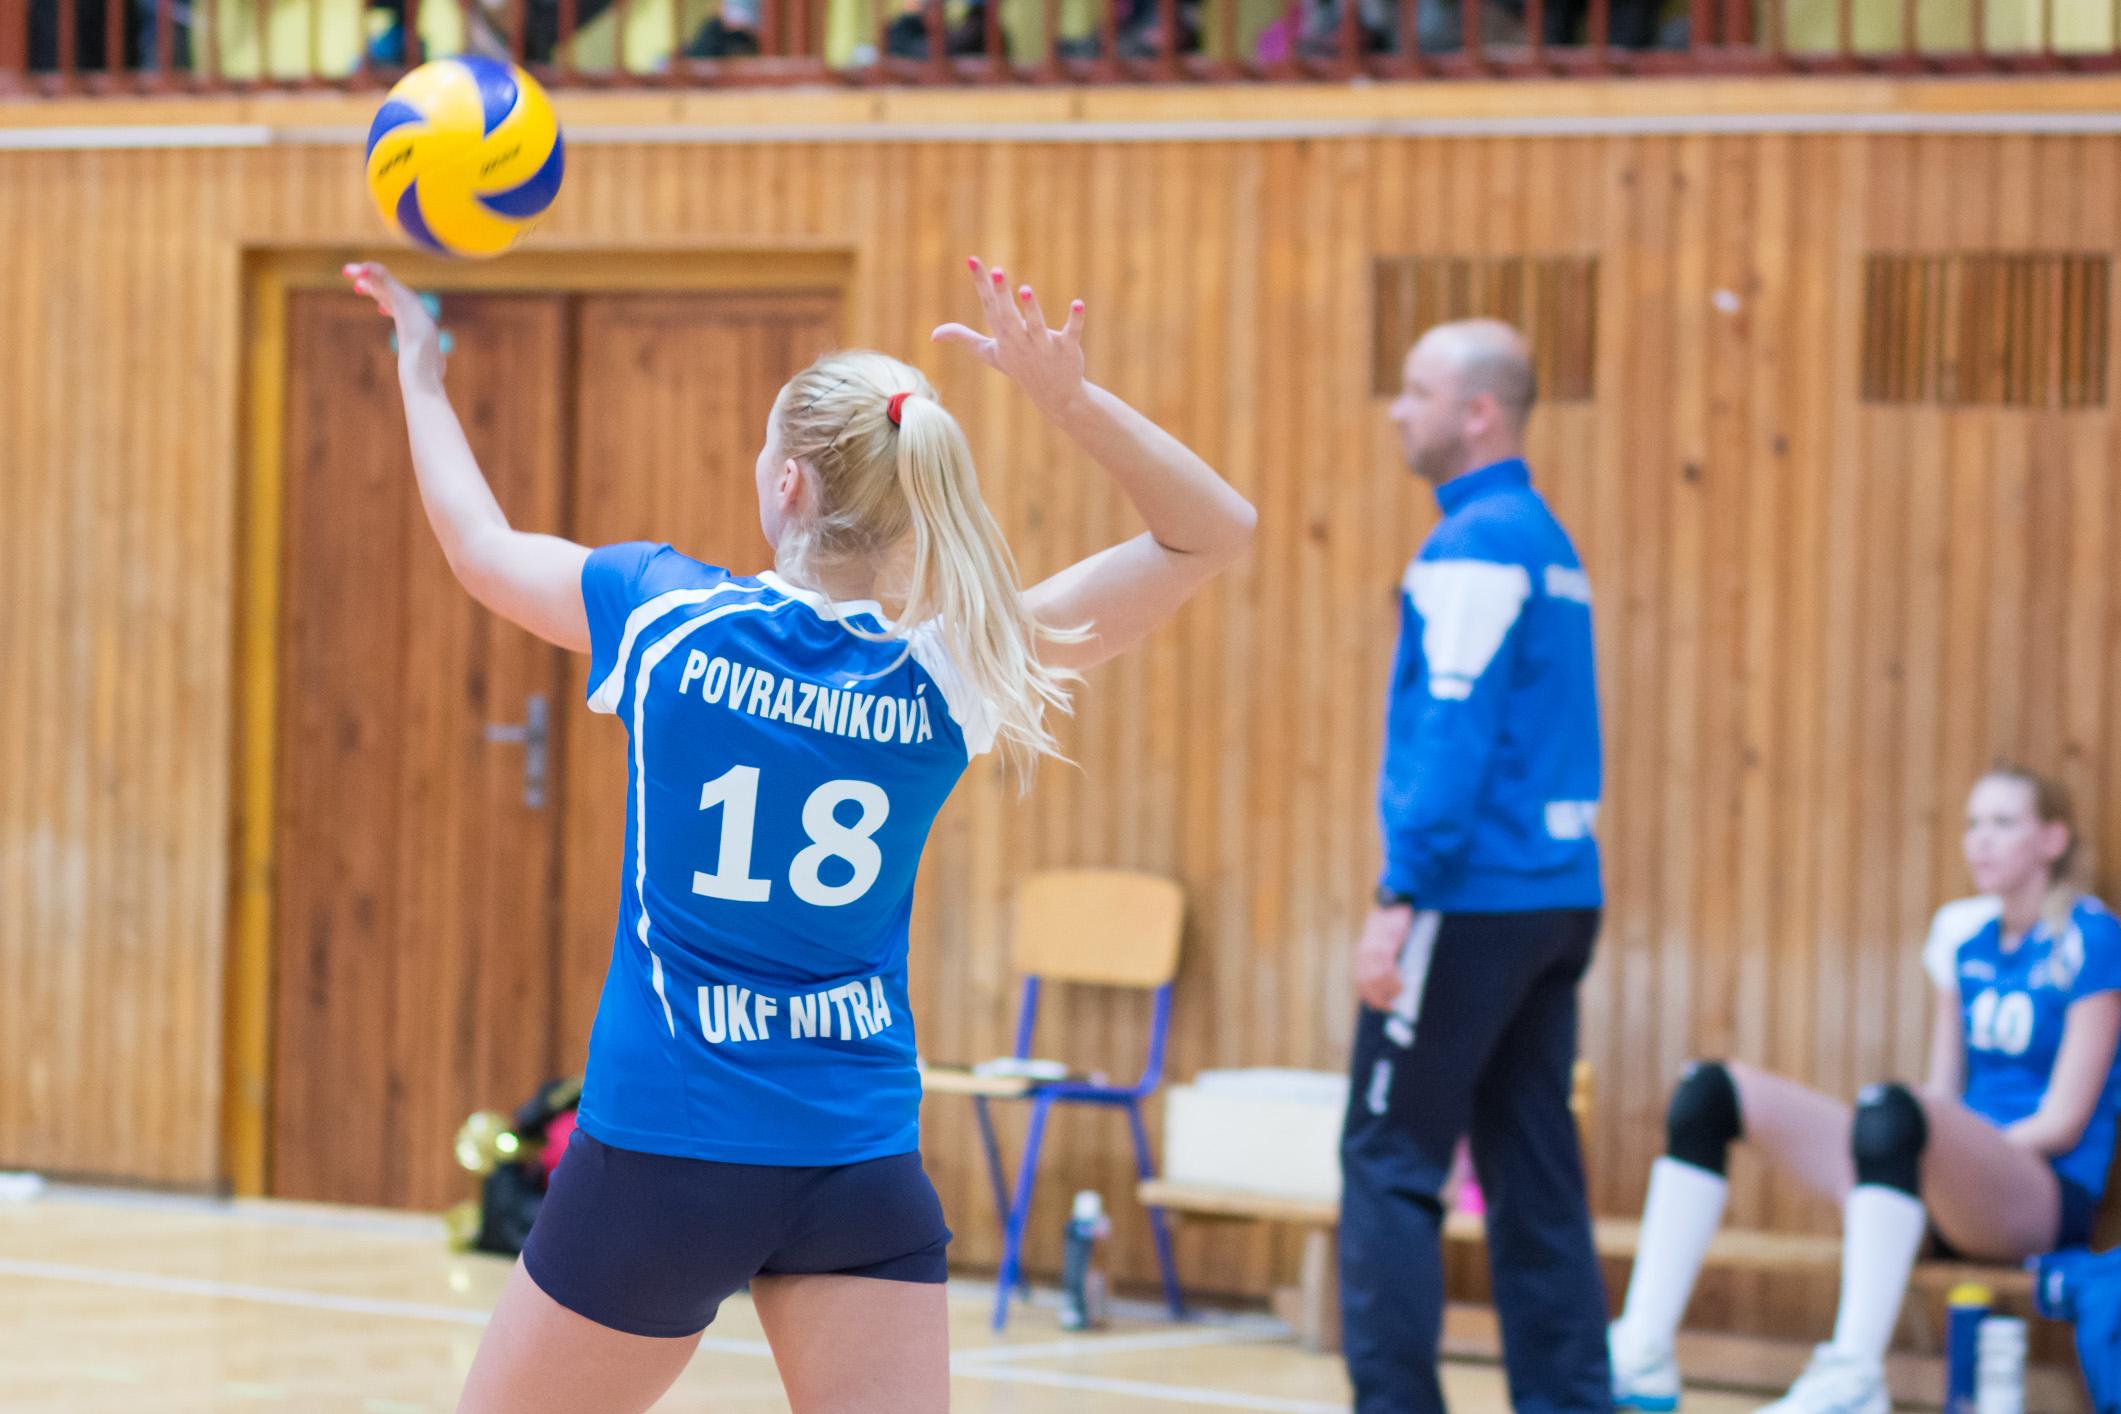 Ivana Povrazníková – Volley project UKF Nitra(modrá)